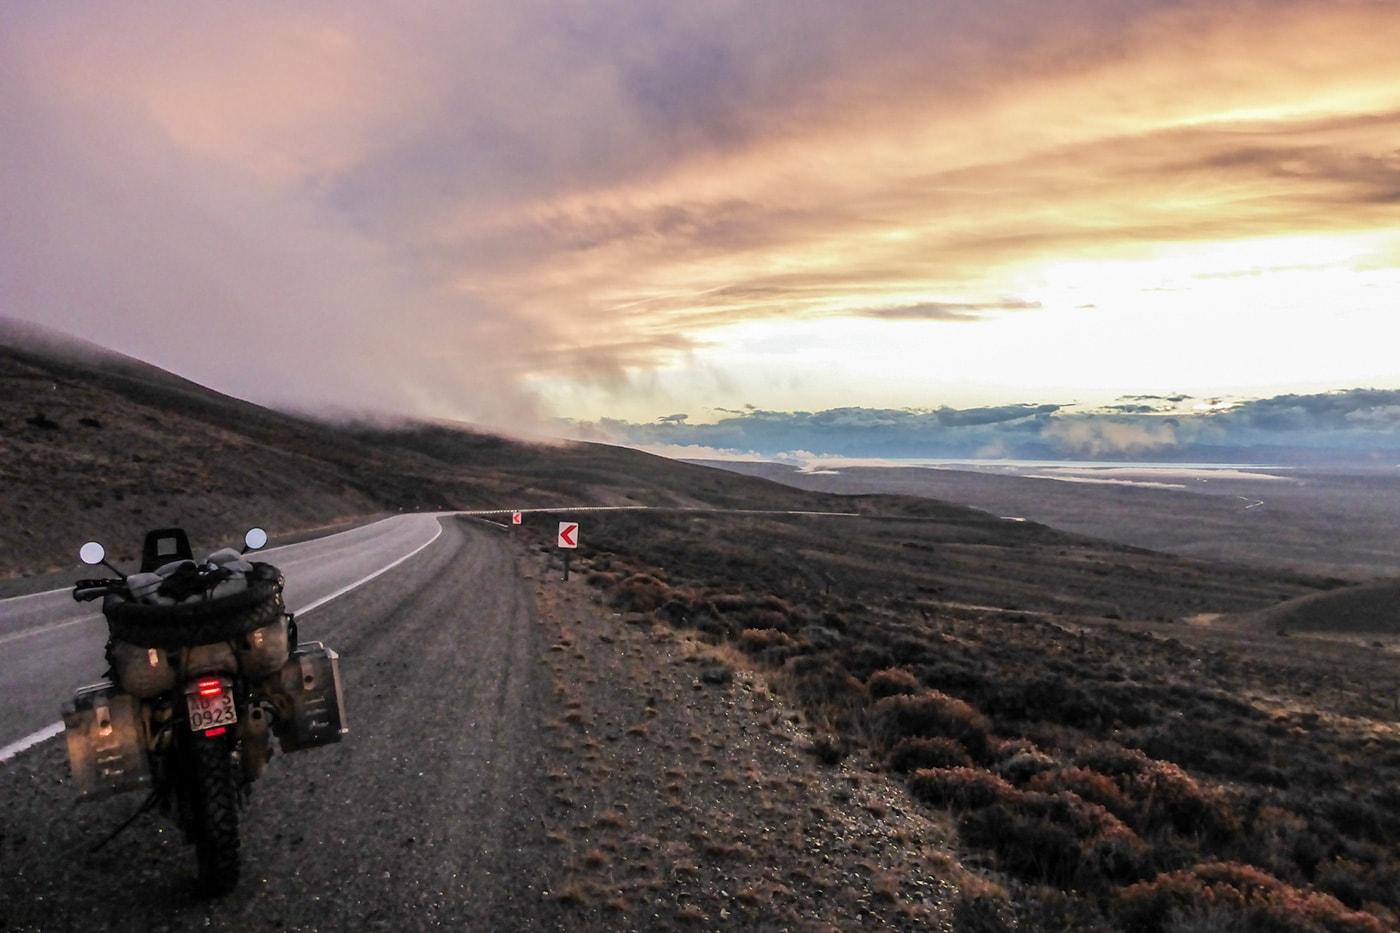 tramonto a el calafate ruta 40